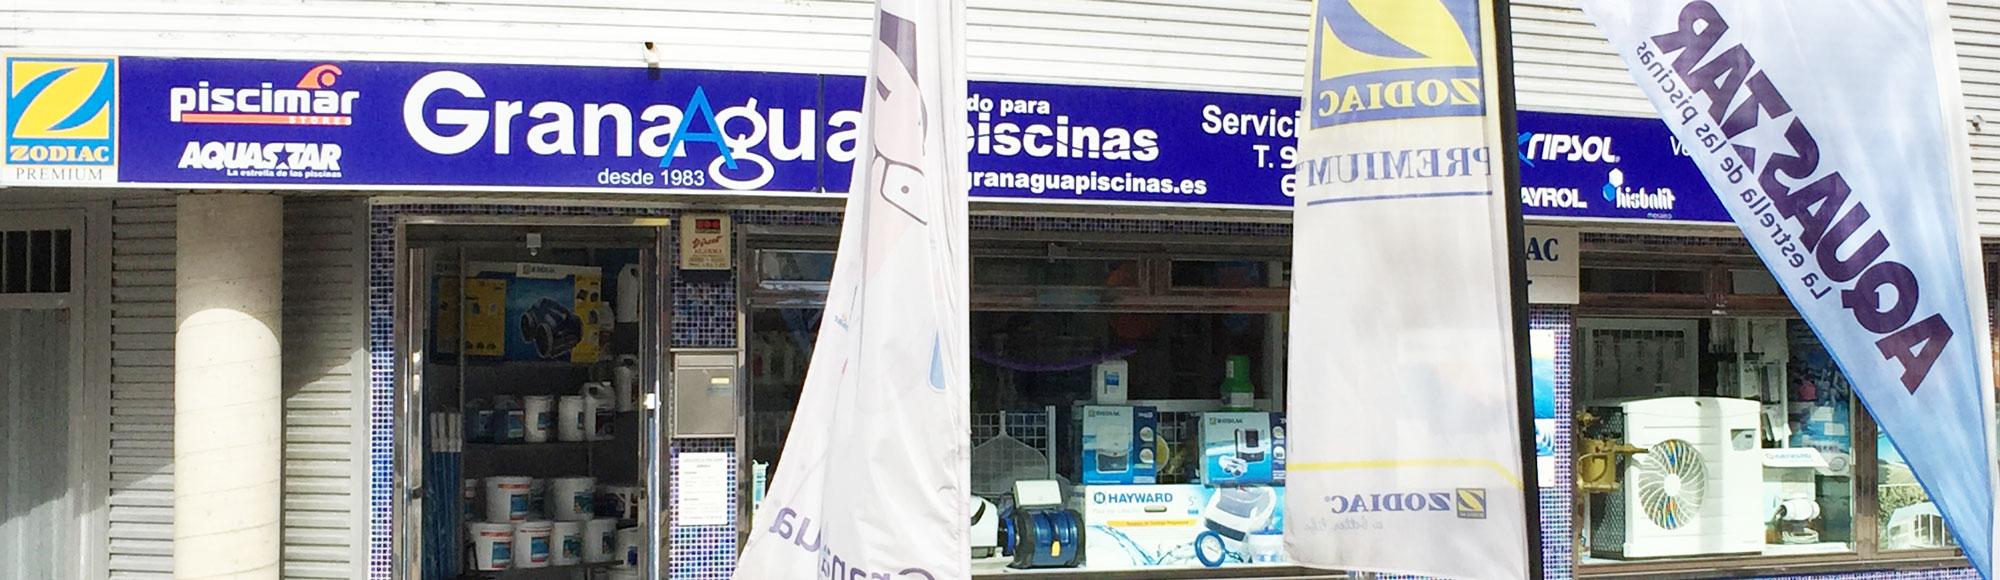 entrada-tienda-granagua-mantenimiento-piscinas